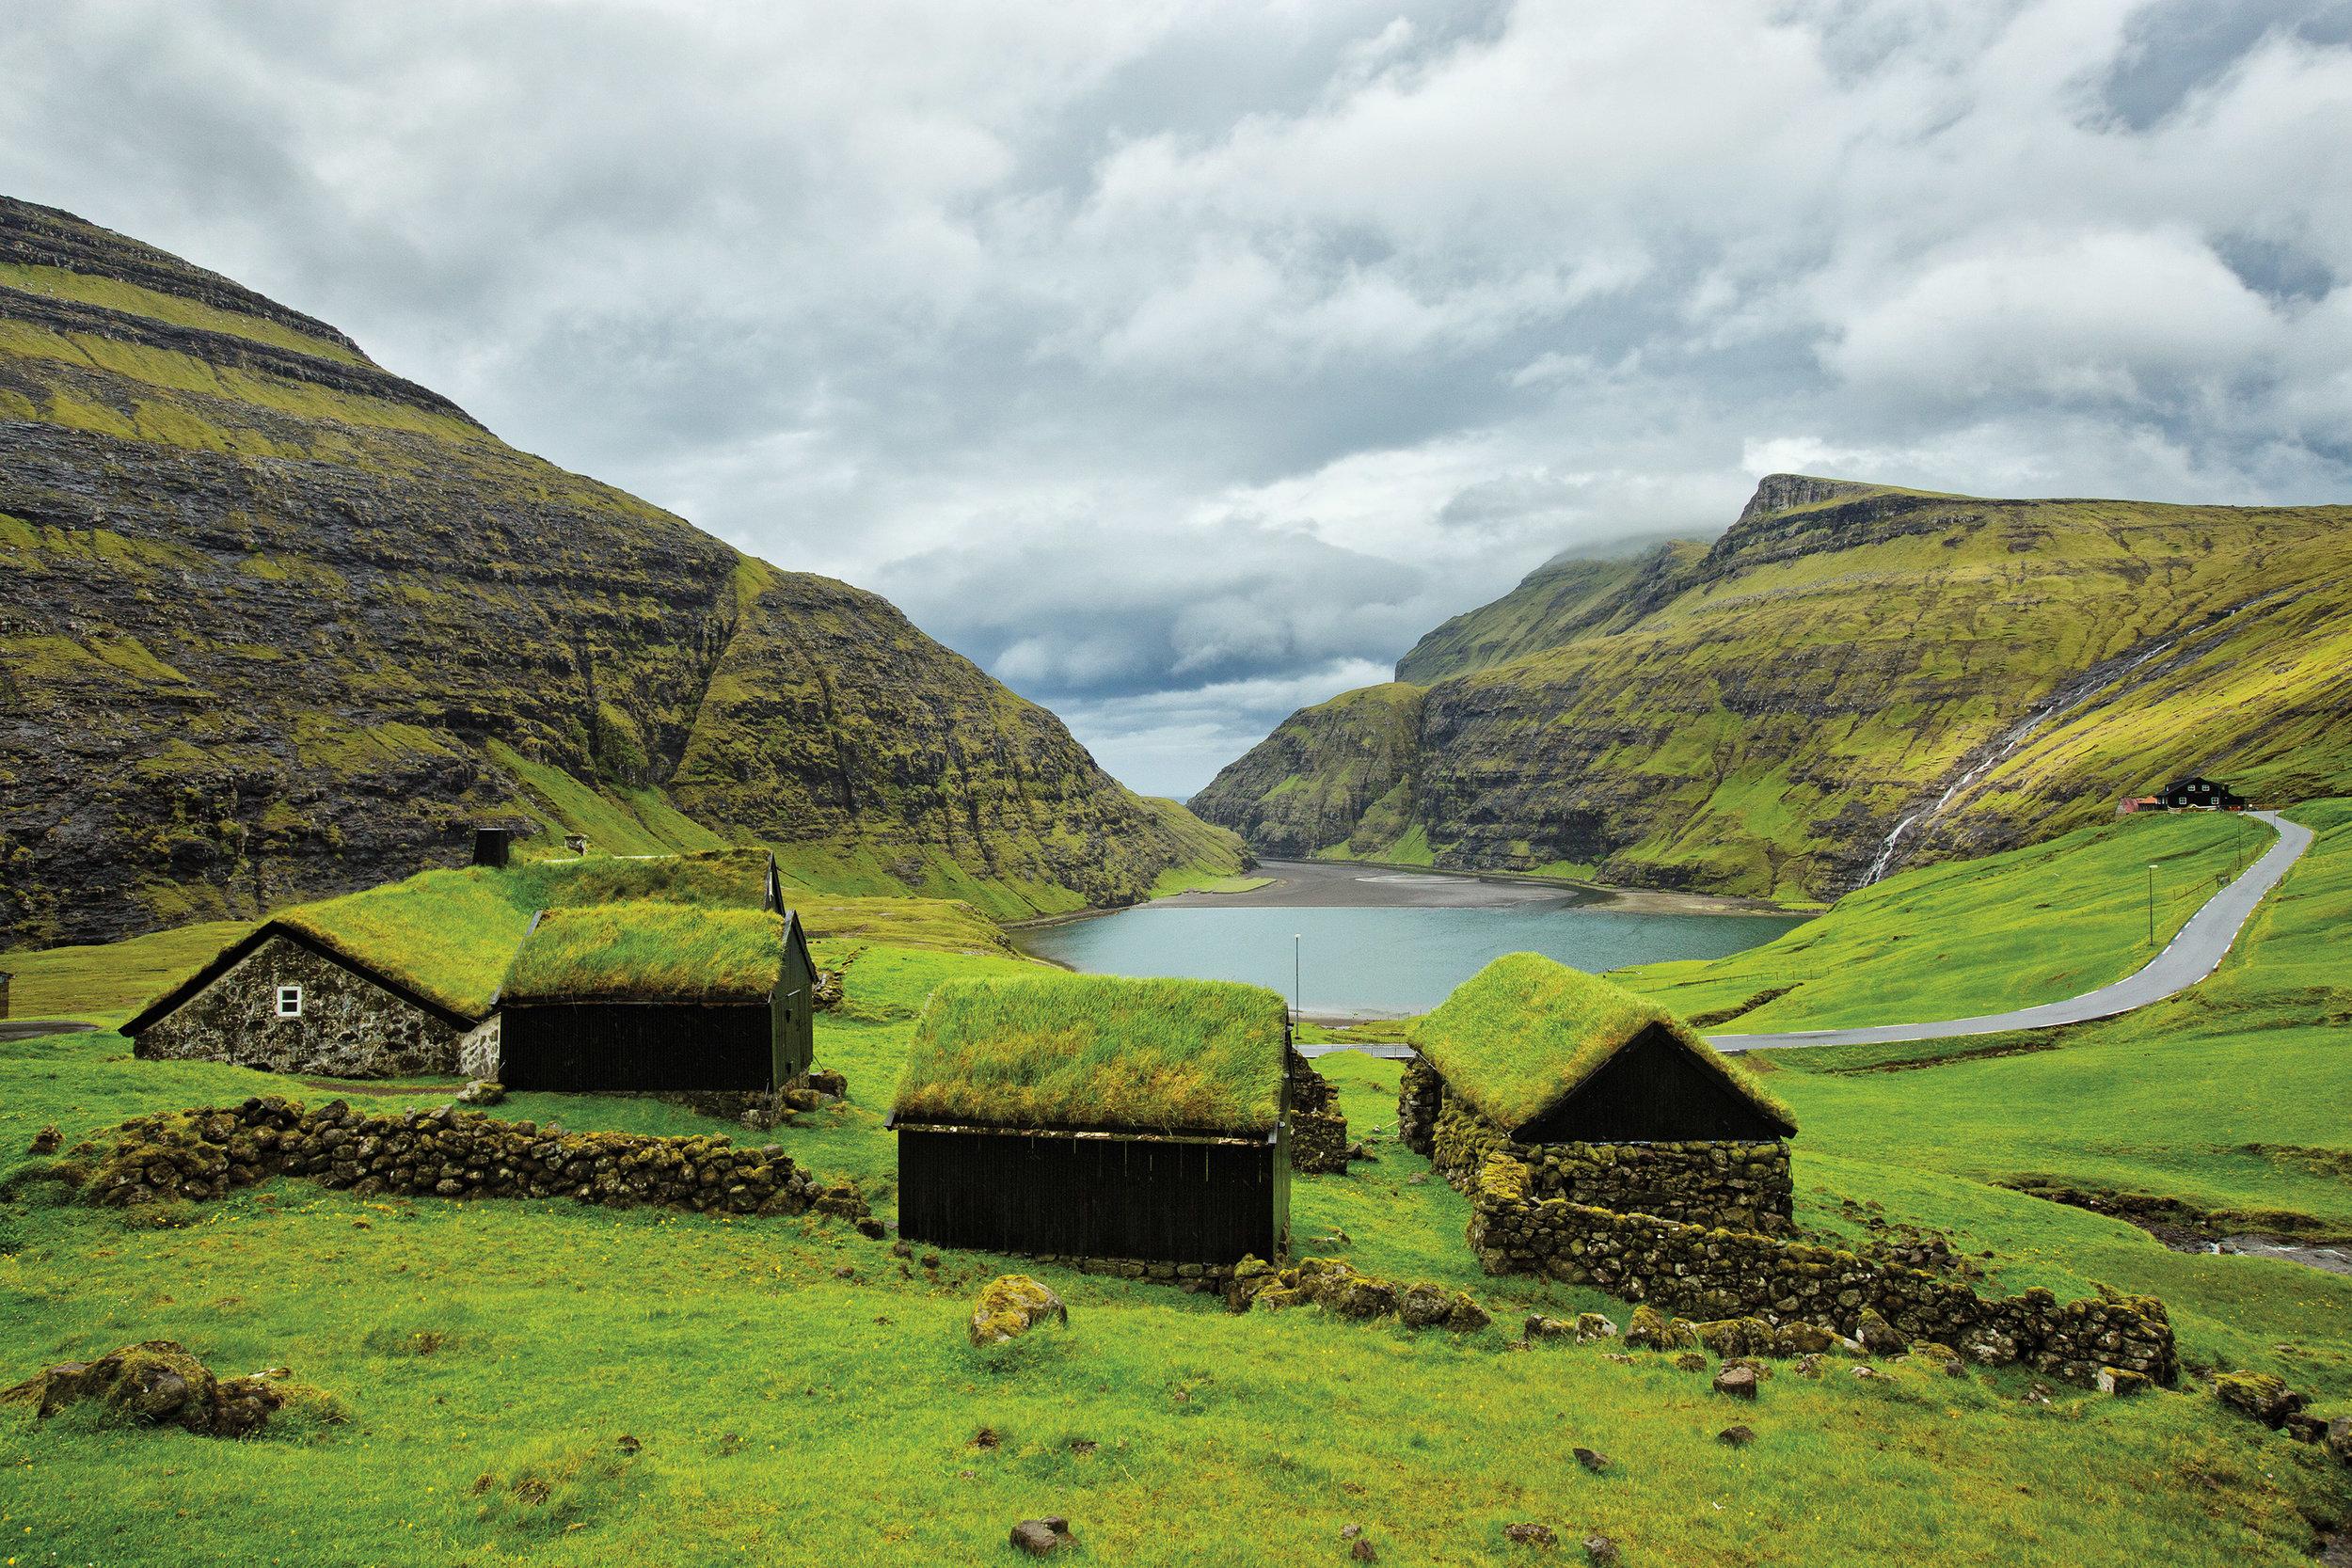 saksun-village-faroe-islands-denmark.jpg